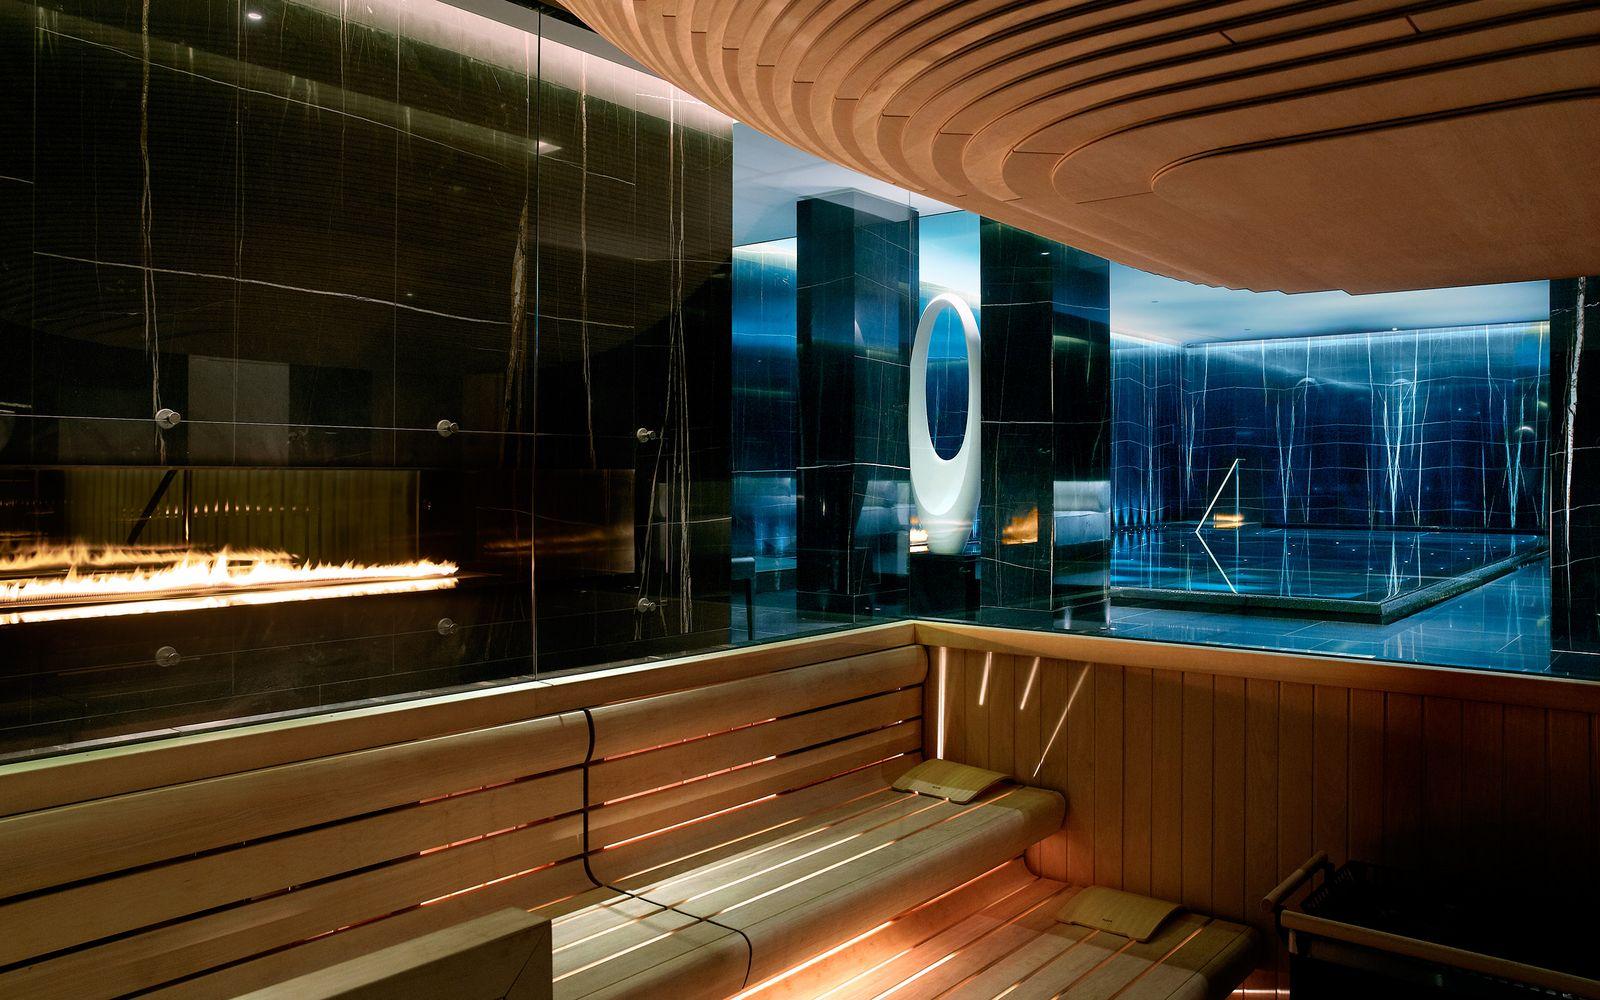 sauny domowe serwis, Wrzosek sauny